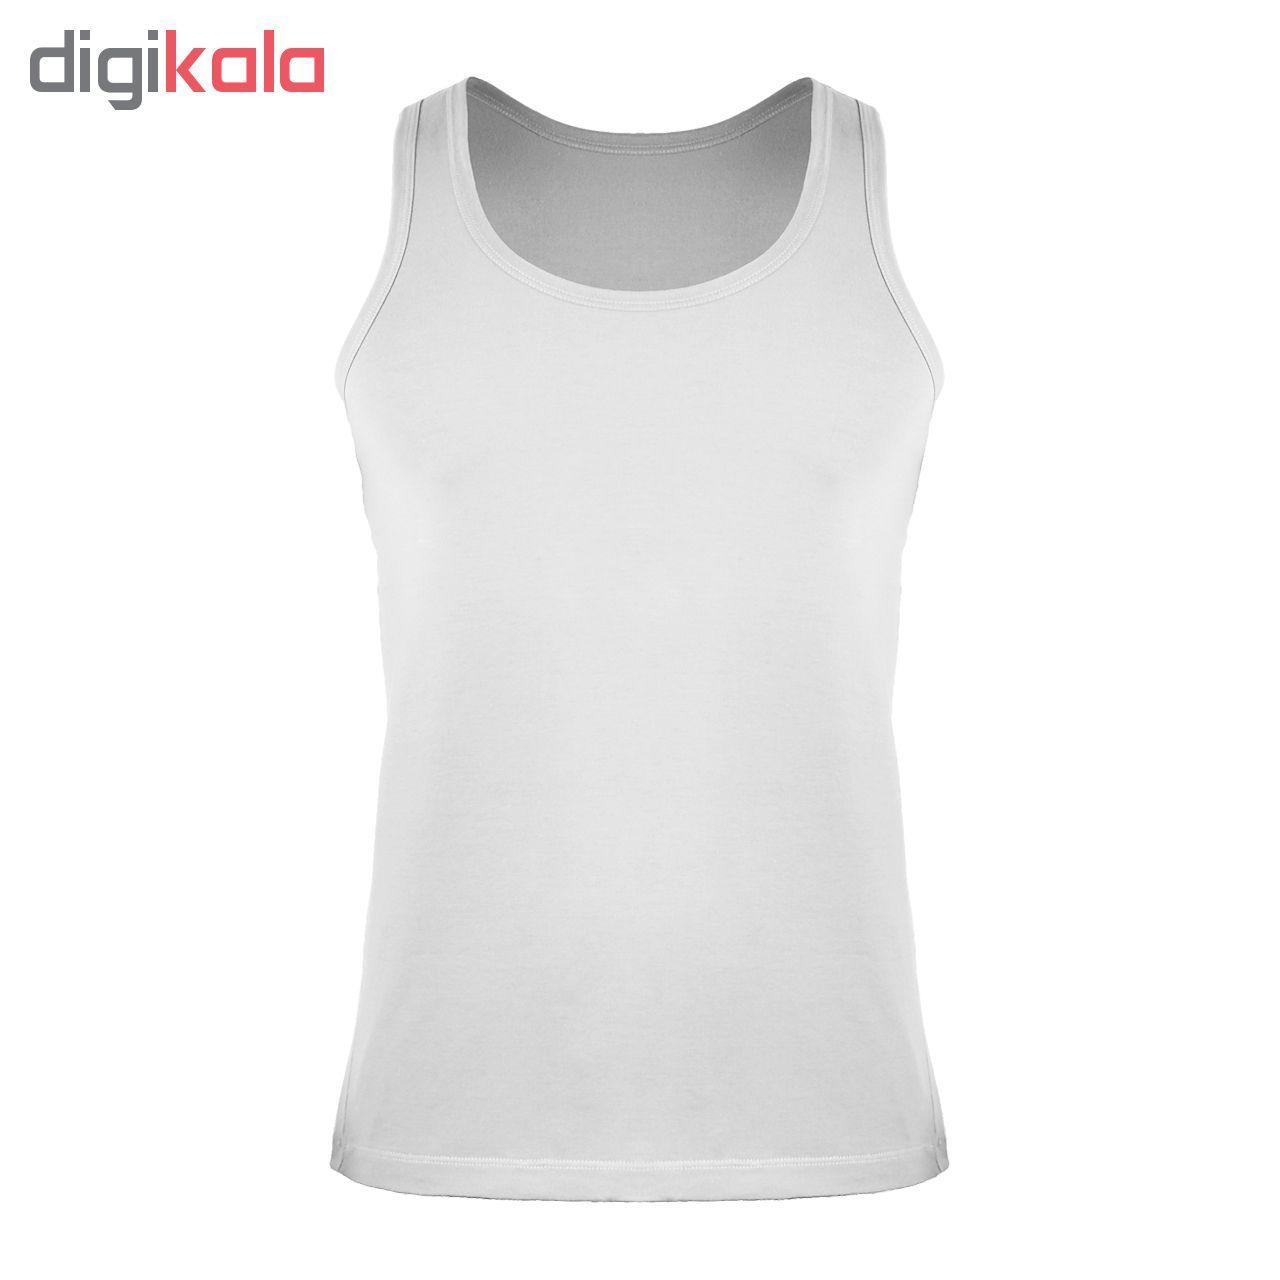 زیرپوش رکابی مردانه کیان تن پوش مدل A Shirt Classic W بسته ۳ عددی main 1 2